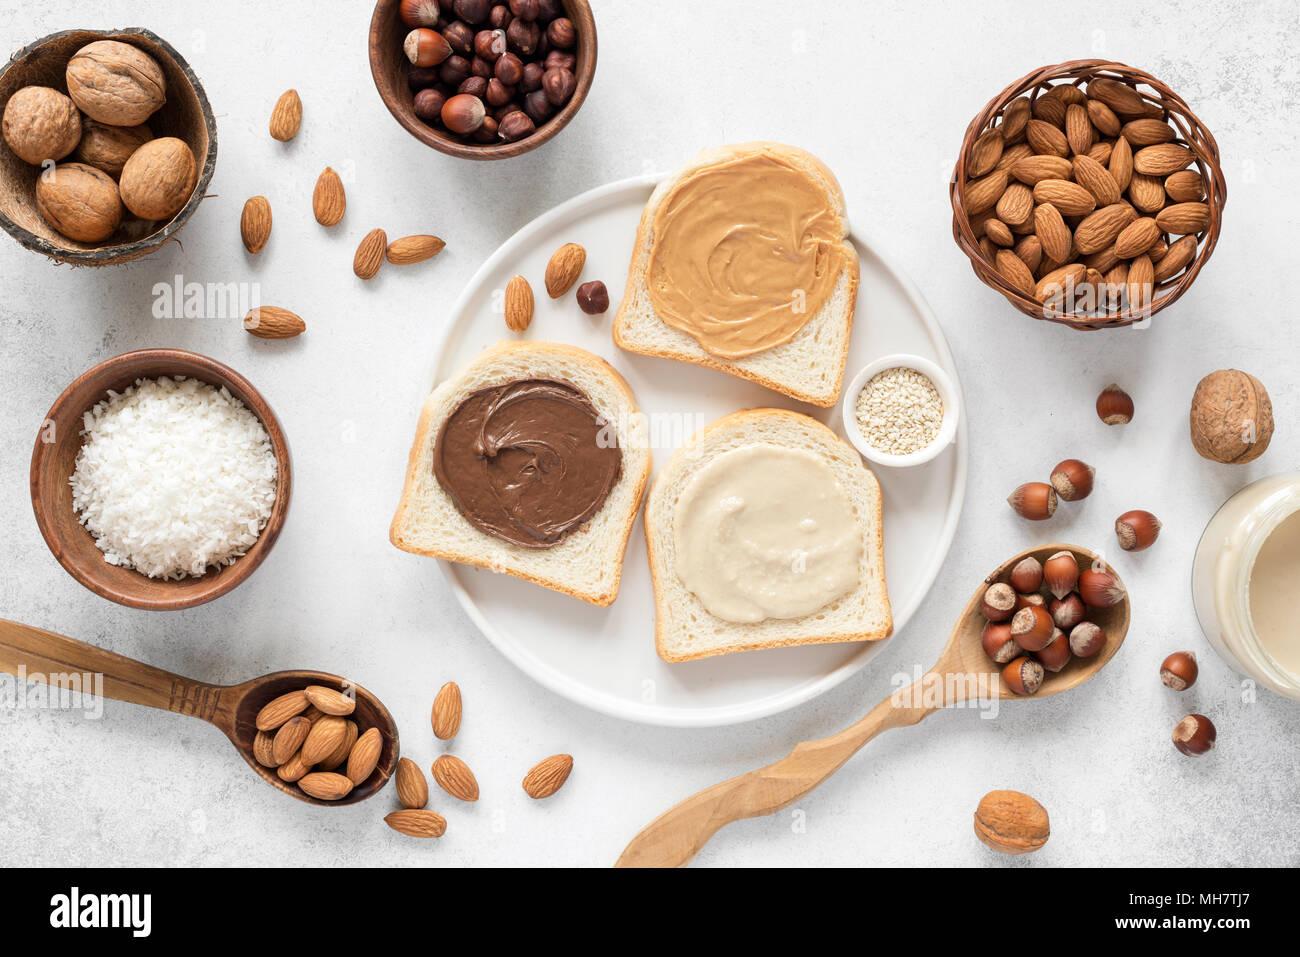 Beurre de noix et de pain grillé sur plaque blanche. Assortiment de beurre de noix tartiner sur du pain blanc grillé. La saine alimentation, végétalien, végétarien, mode de vie sain, de la nutr Photo Stock